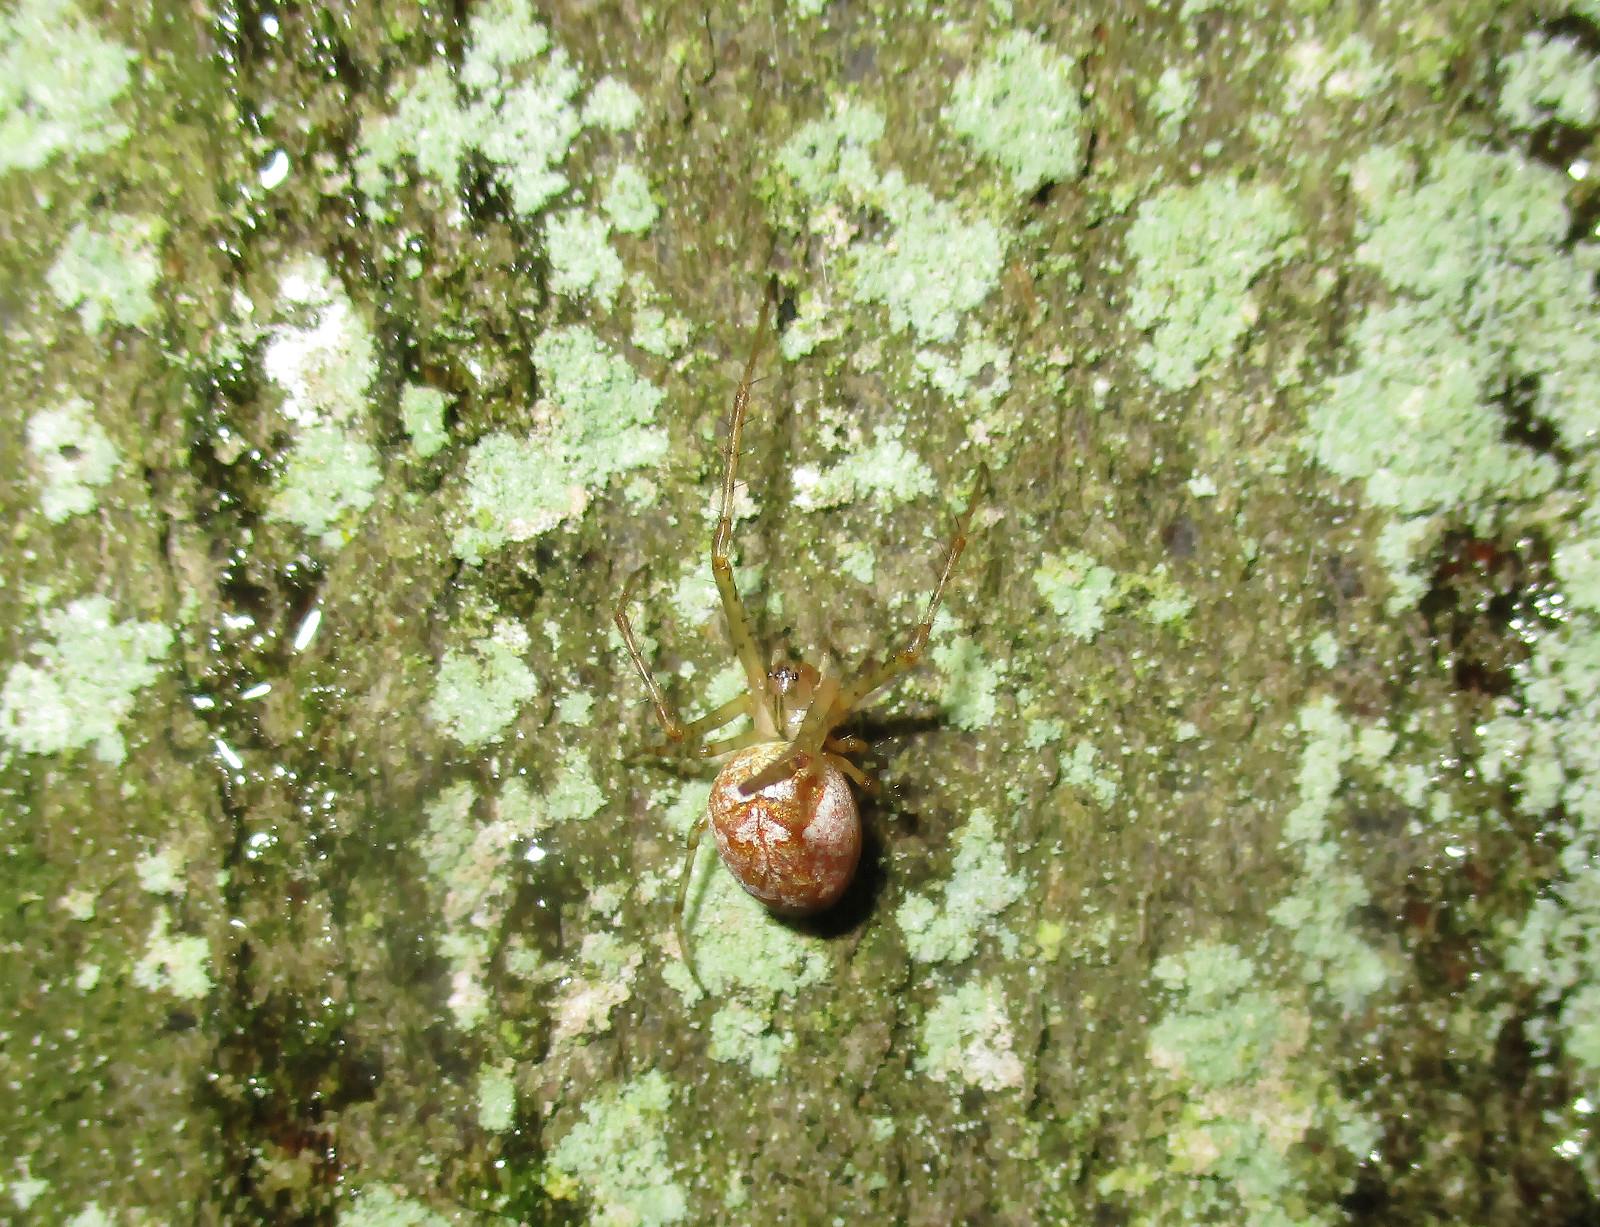 Baumstämme bieten einfache Möglichkeiten zur Naturbeobachtung (hier: Kugelspinne)